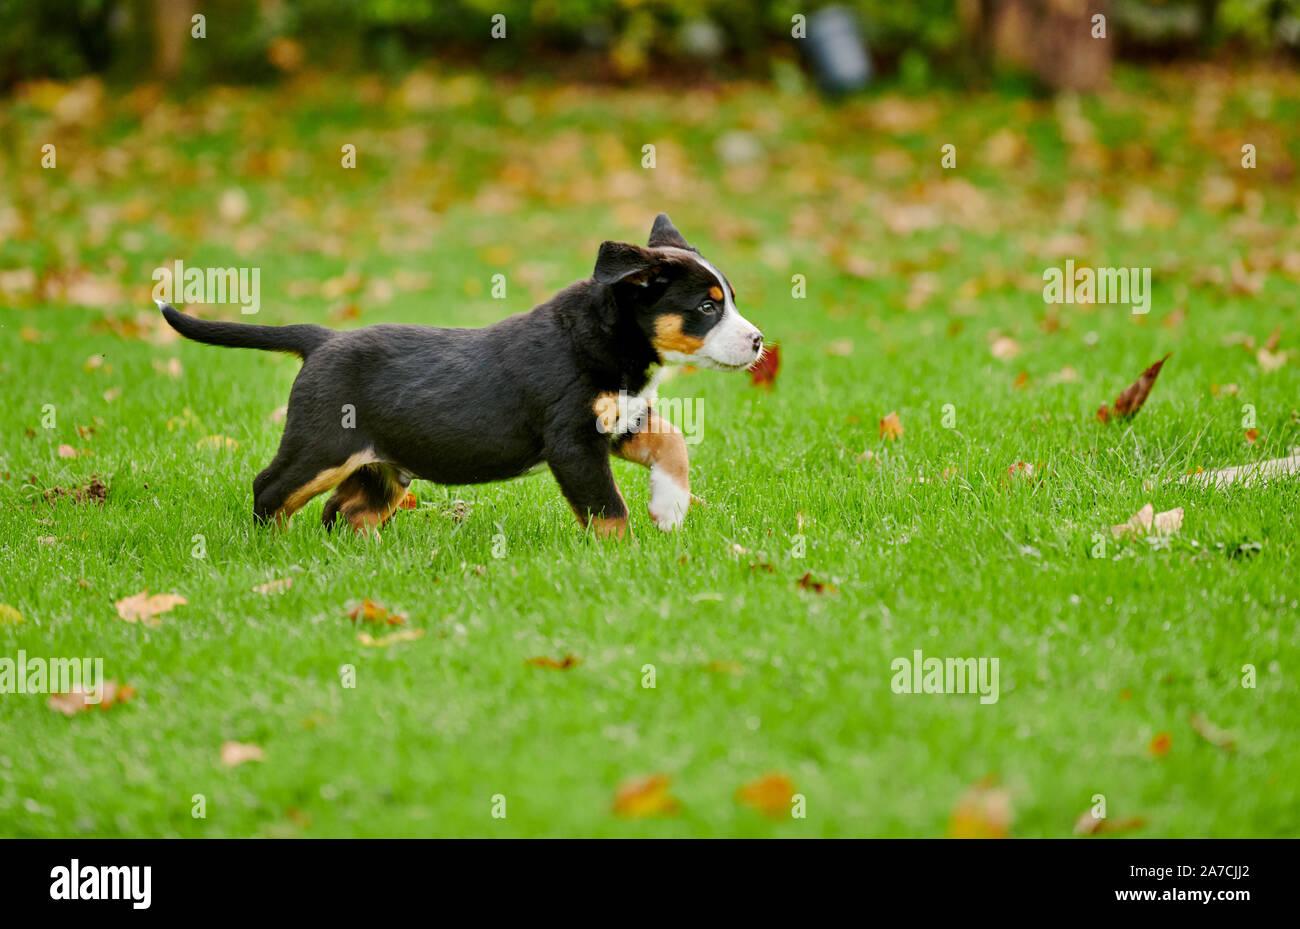 rennender Welpe eines Grosser Schweizer Sennenhund  |running Greater Swiss Mountain Dog puppy Stock Photo